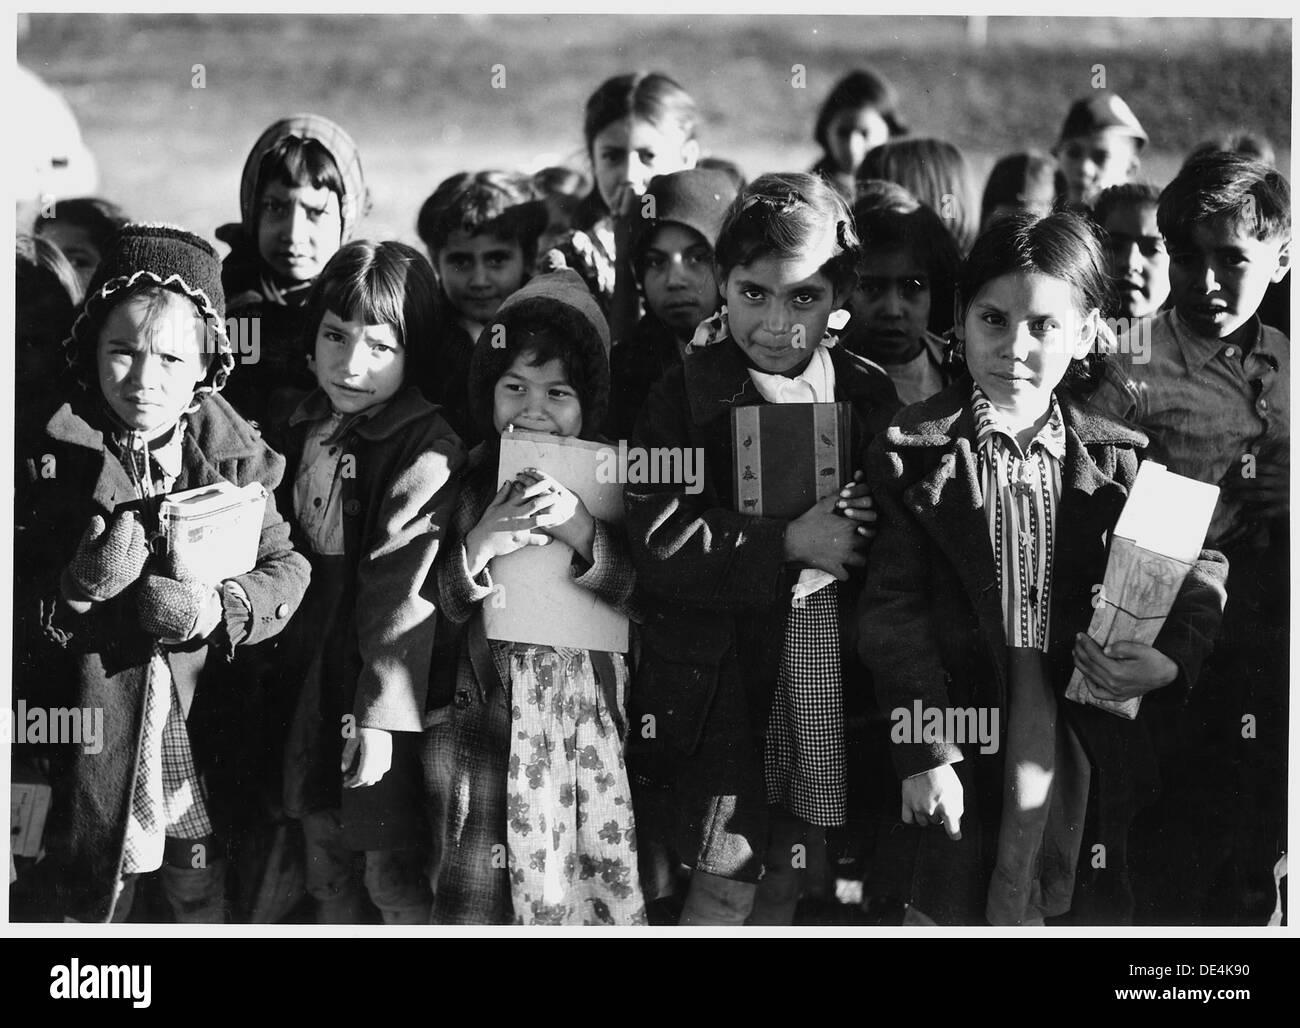 New mexico taos county penasco - Stock Photo Taos County New Mexico Grade School Children In Schoolyard 521833